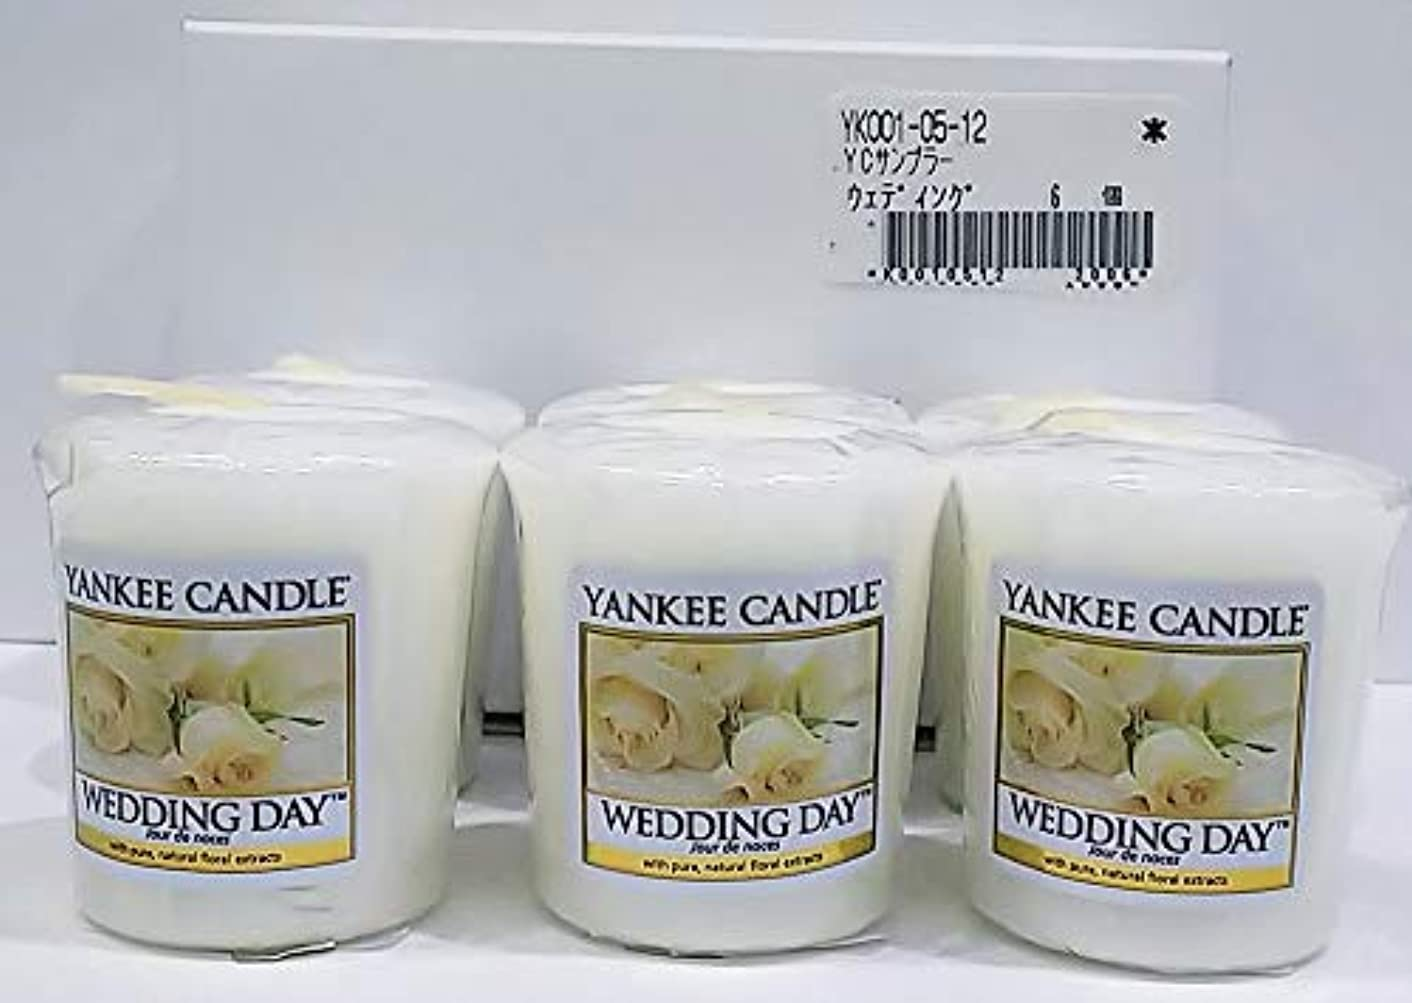 化学者違反必要としているヤンキーキャンドル サンプラー お試しサイズ ウェディングデイ 6個セット 燃焼時間約15時間 YANKEECANDLE アメリカ製